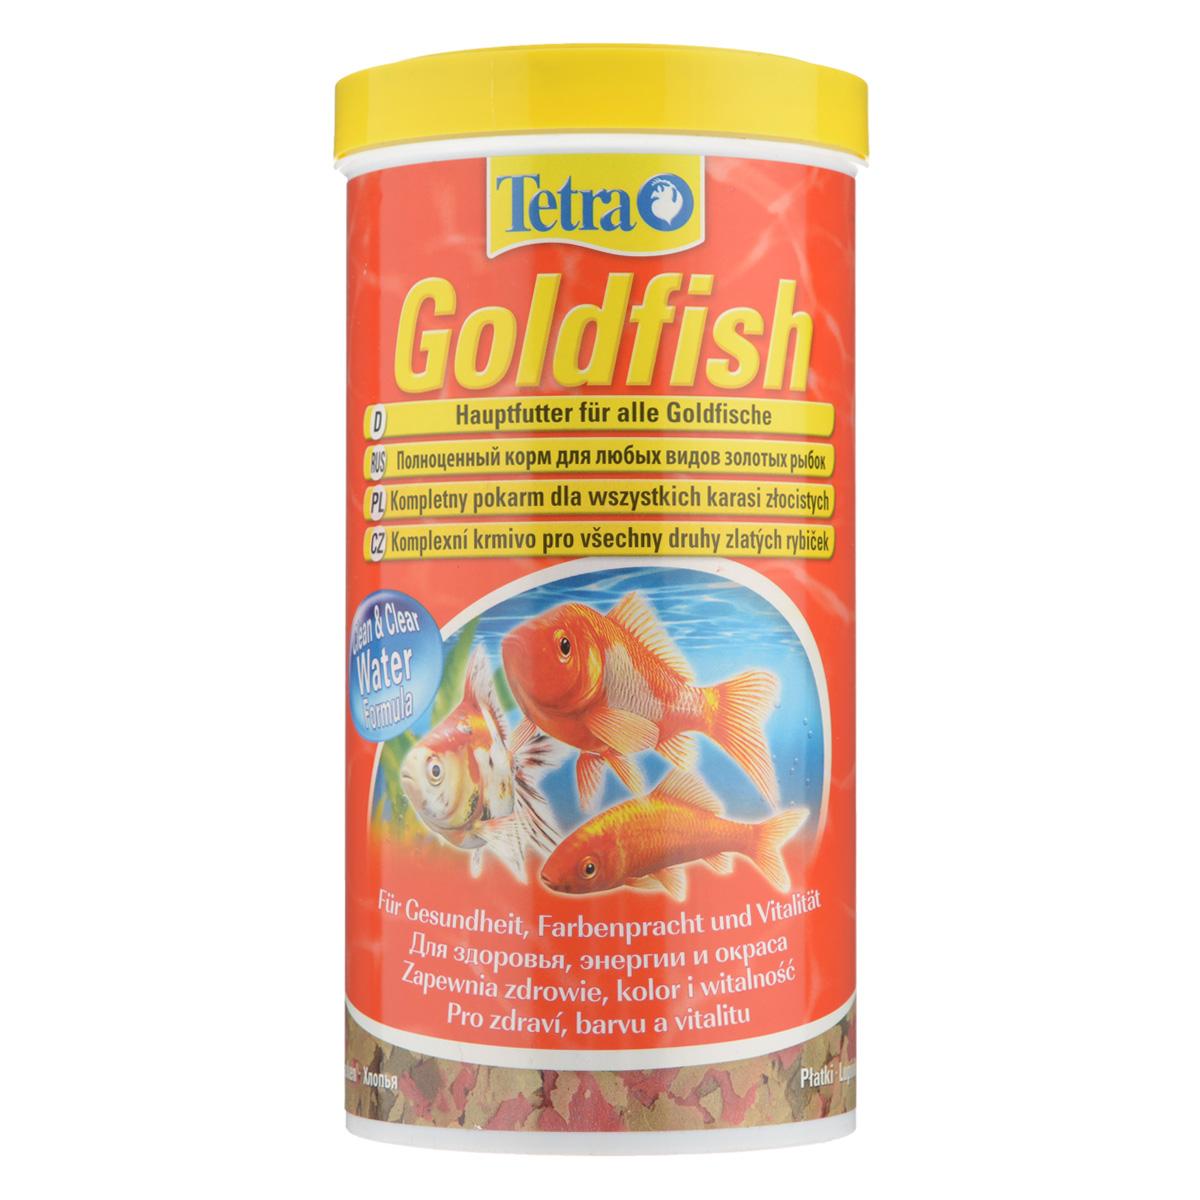 Корм Tetra Goldfishs для любых видов золотых рыбок, в виде хлопьев, 1 л204355Корм Tetra Goldfishs - это высококачественный сбалансированный корм в хлопьях для любых видов золотых рыб. Превосходное качество корма обеспечивает оптимальное питание для рыб. Особенности Tetra Tetra Goldfishs: формула Clean&Clear Water и запатентованная BioActive формула для поддержания здоровья и продолжительности жизни, тщательно подобранная смесь высокопитательных ингредиентов с витаминами, минералами и микроэлементами. Рекомендации по кормлению: кормить несколько раз в день маленькими порциями. Характеристики: Состав: зерновые культуры, экстракты растительного белка, рыба и побочные рыбные продукты, дрожжи, моллюски и раки, масла и жиры, минеральные вещества, водоросли. Пищевая ценность: сырой белок - 42%, сырые масла и жиры - 11%, сырая клетчатка - 2%, влага - 6,5%. Добавки: витамины, провитамины и химические вещества с аналогичным воздействием, витамин А 29100 МЕ/кг, витамин Д3 1820 МЕ/кг....